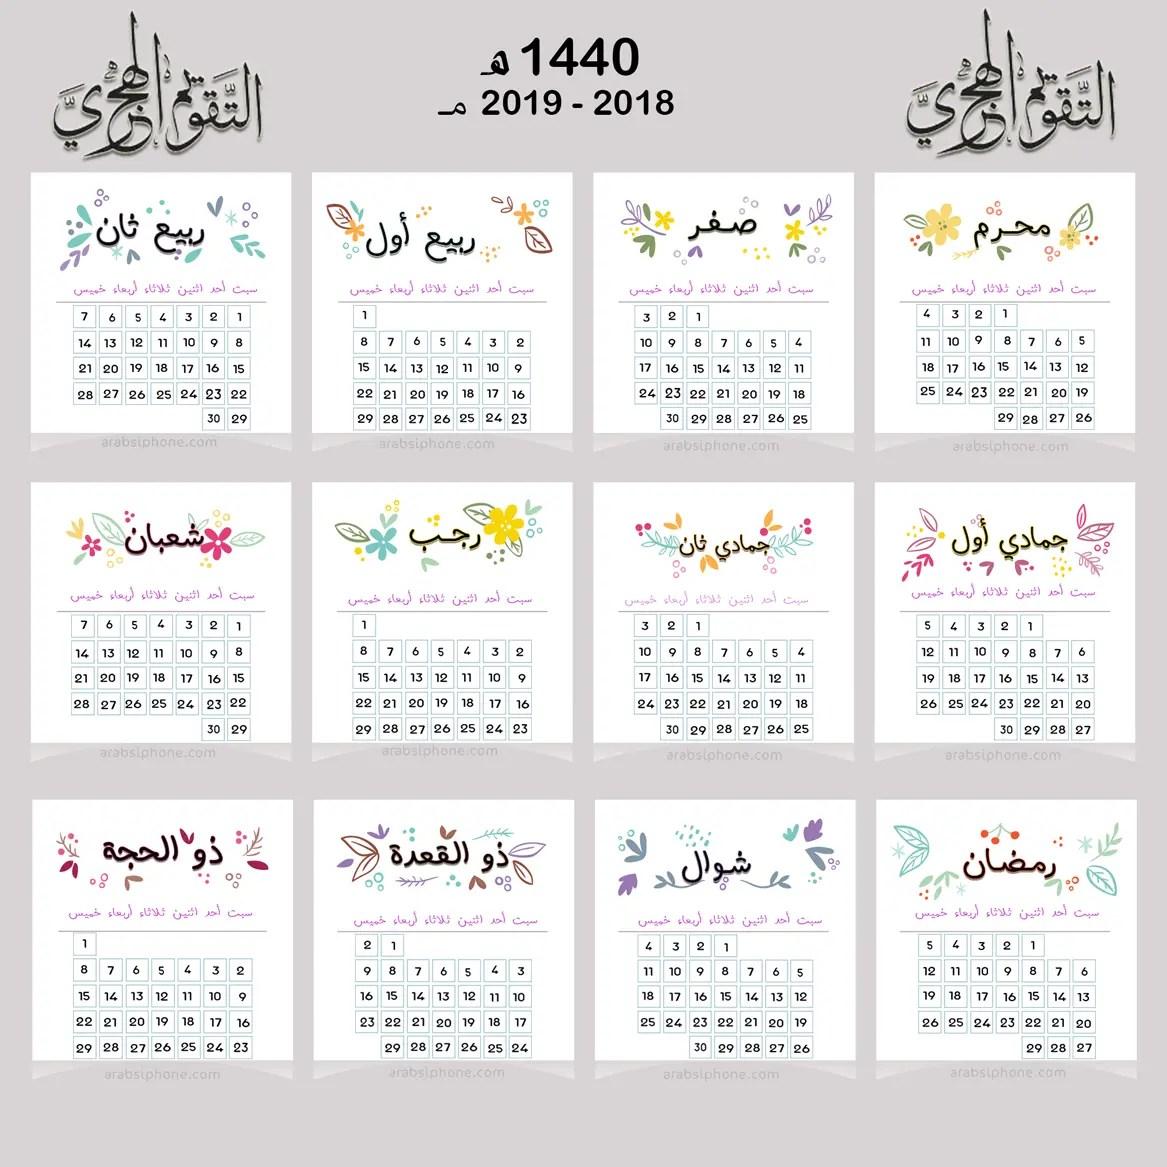 التقويم الهجري 1440 والميلادي 2019 الجديد Hijri Calendar التاريخ